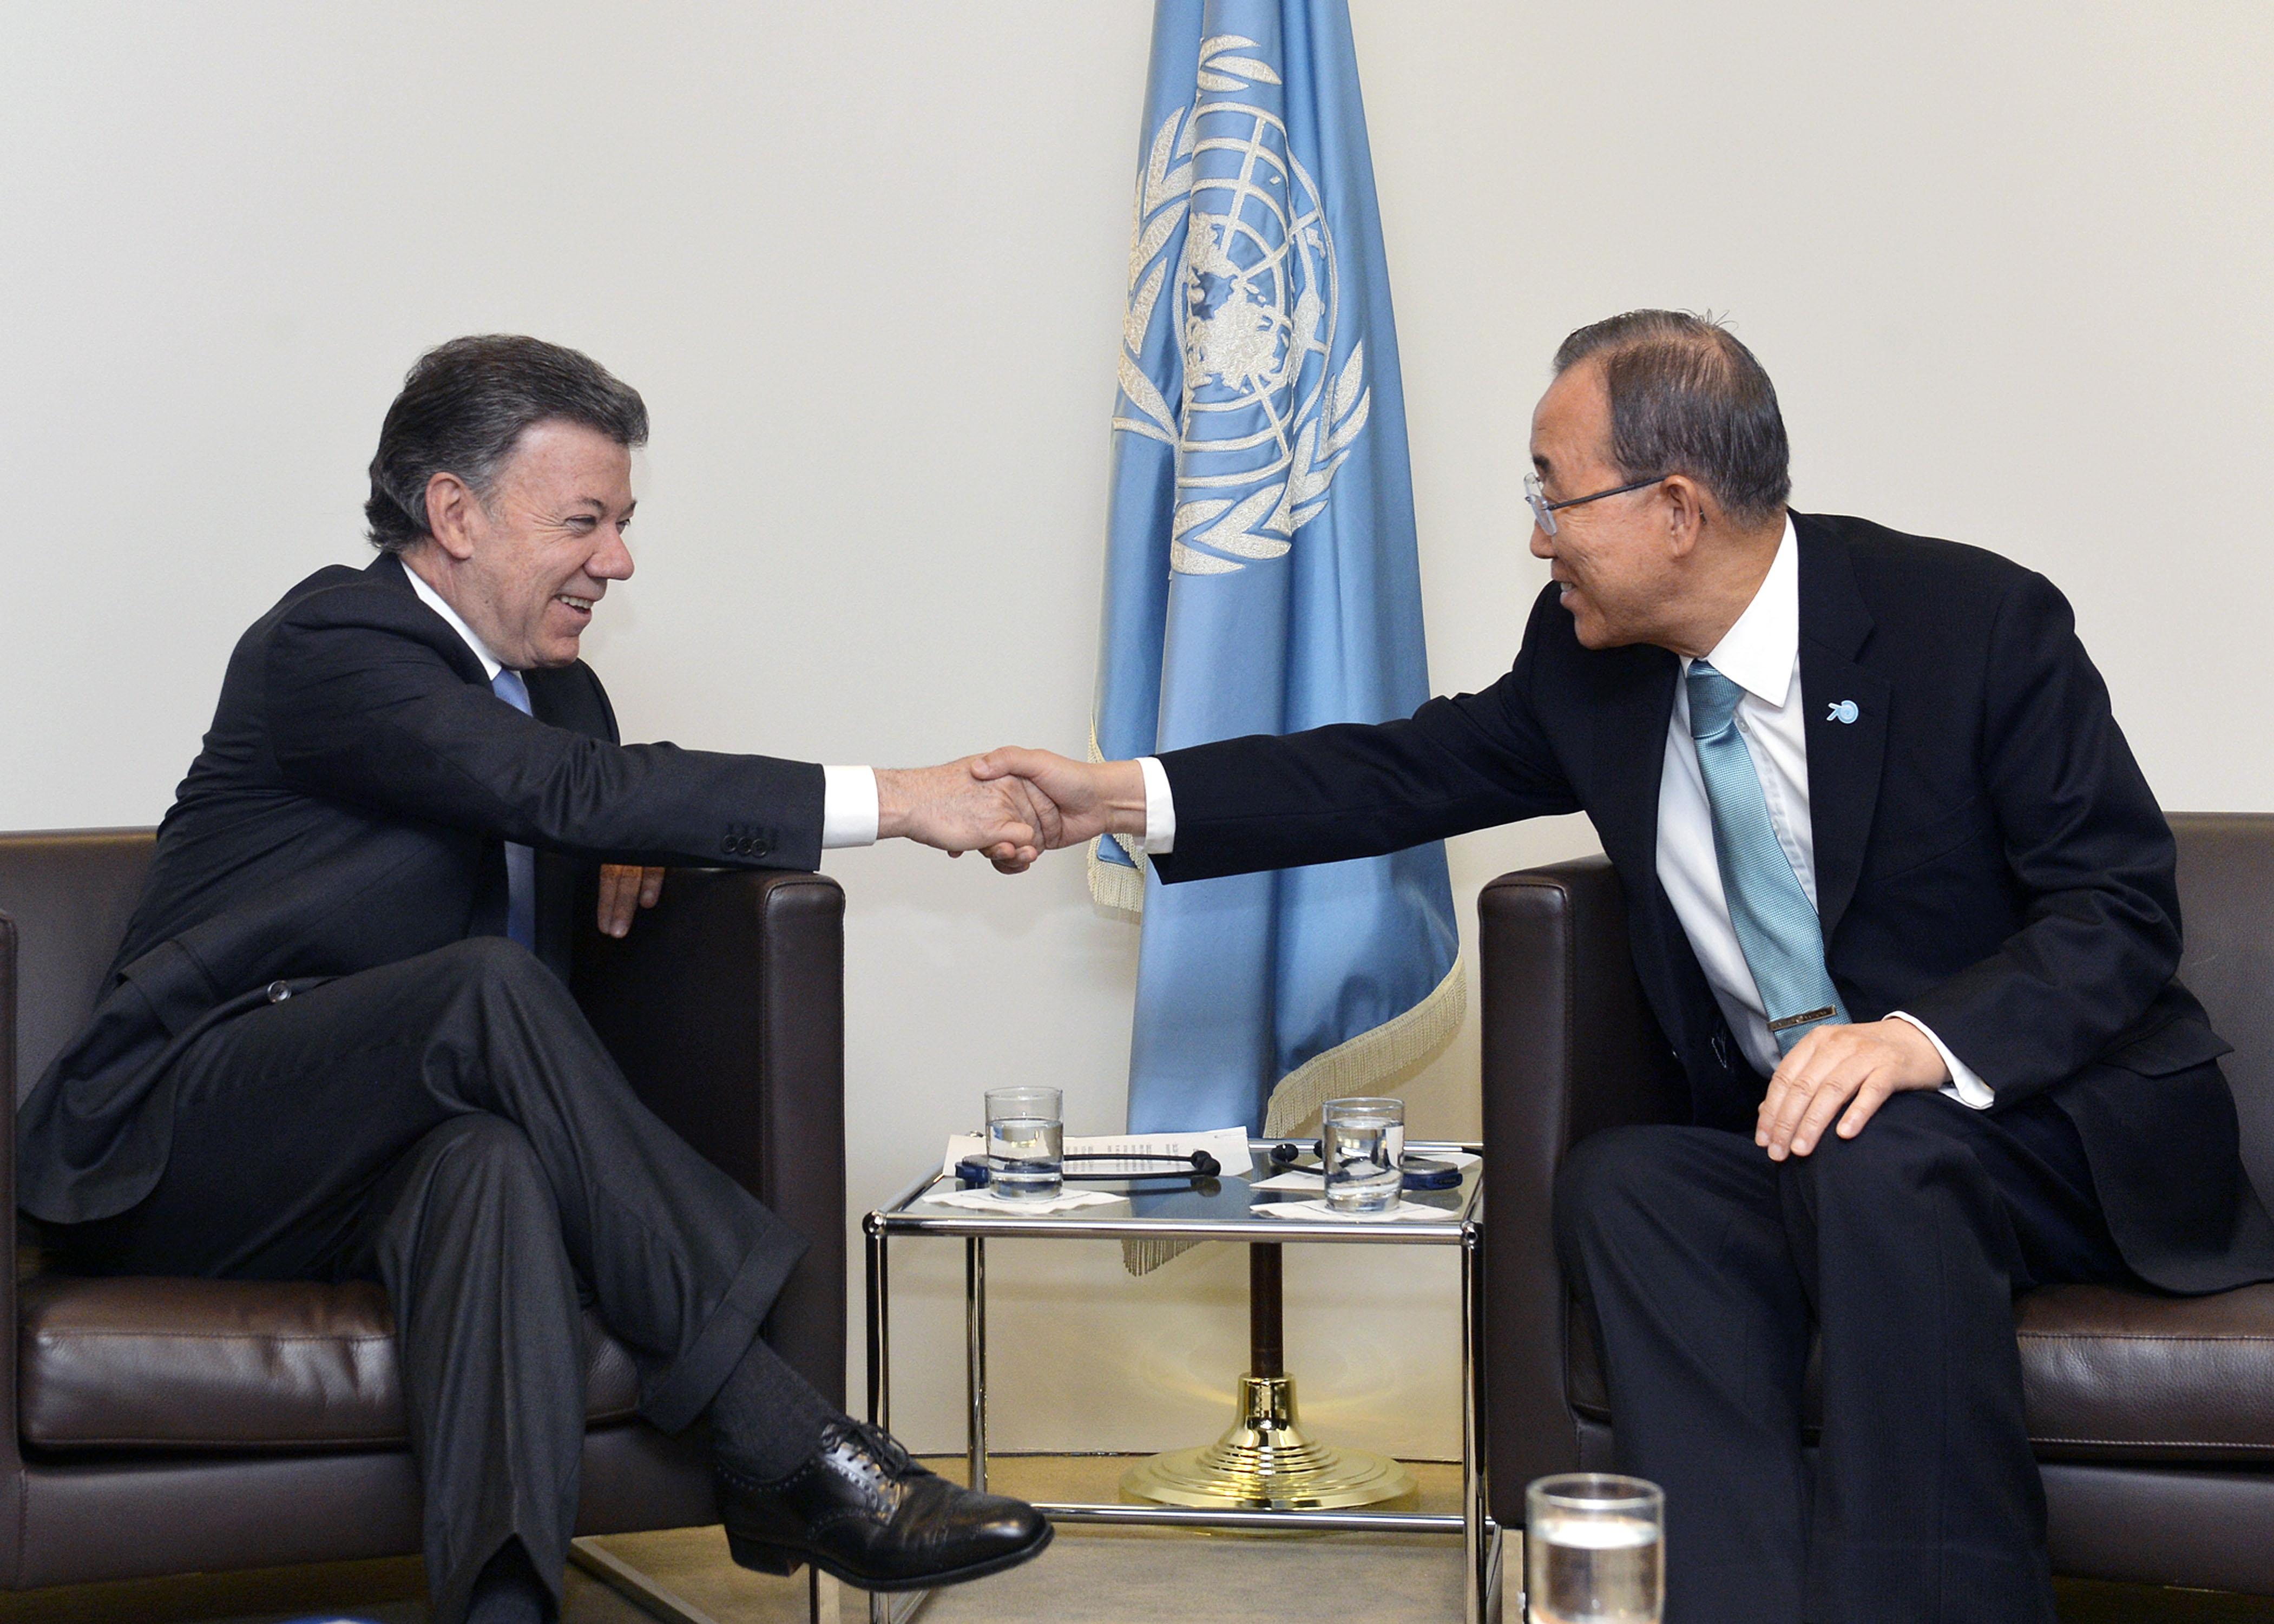 Ban Ki-moon espera acuerdo de paz con ELN tan pronto como sea posible